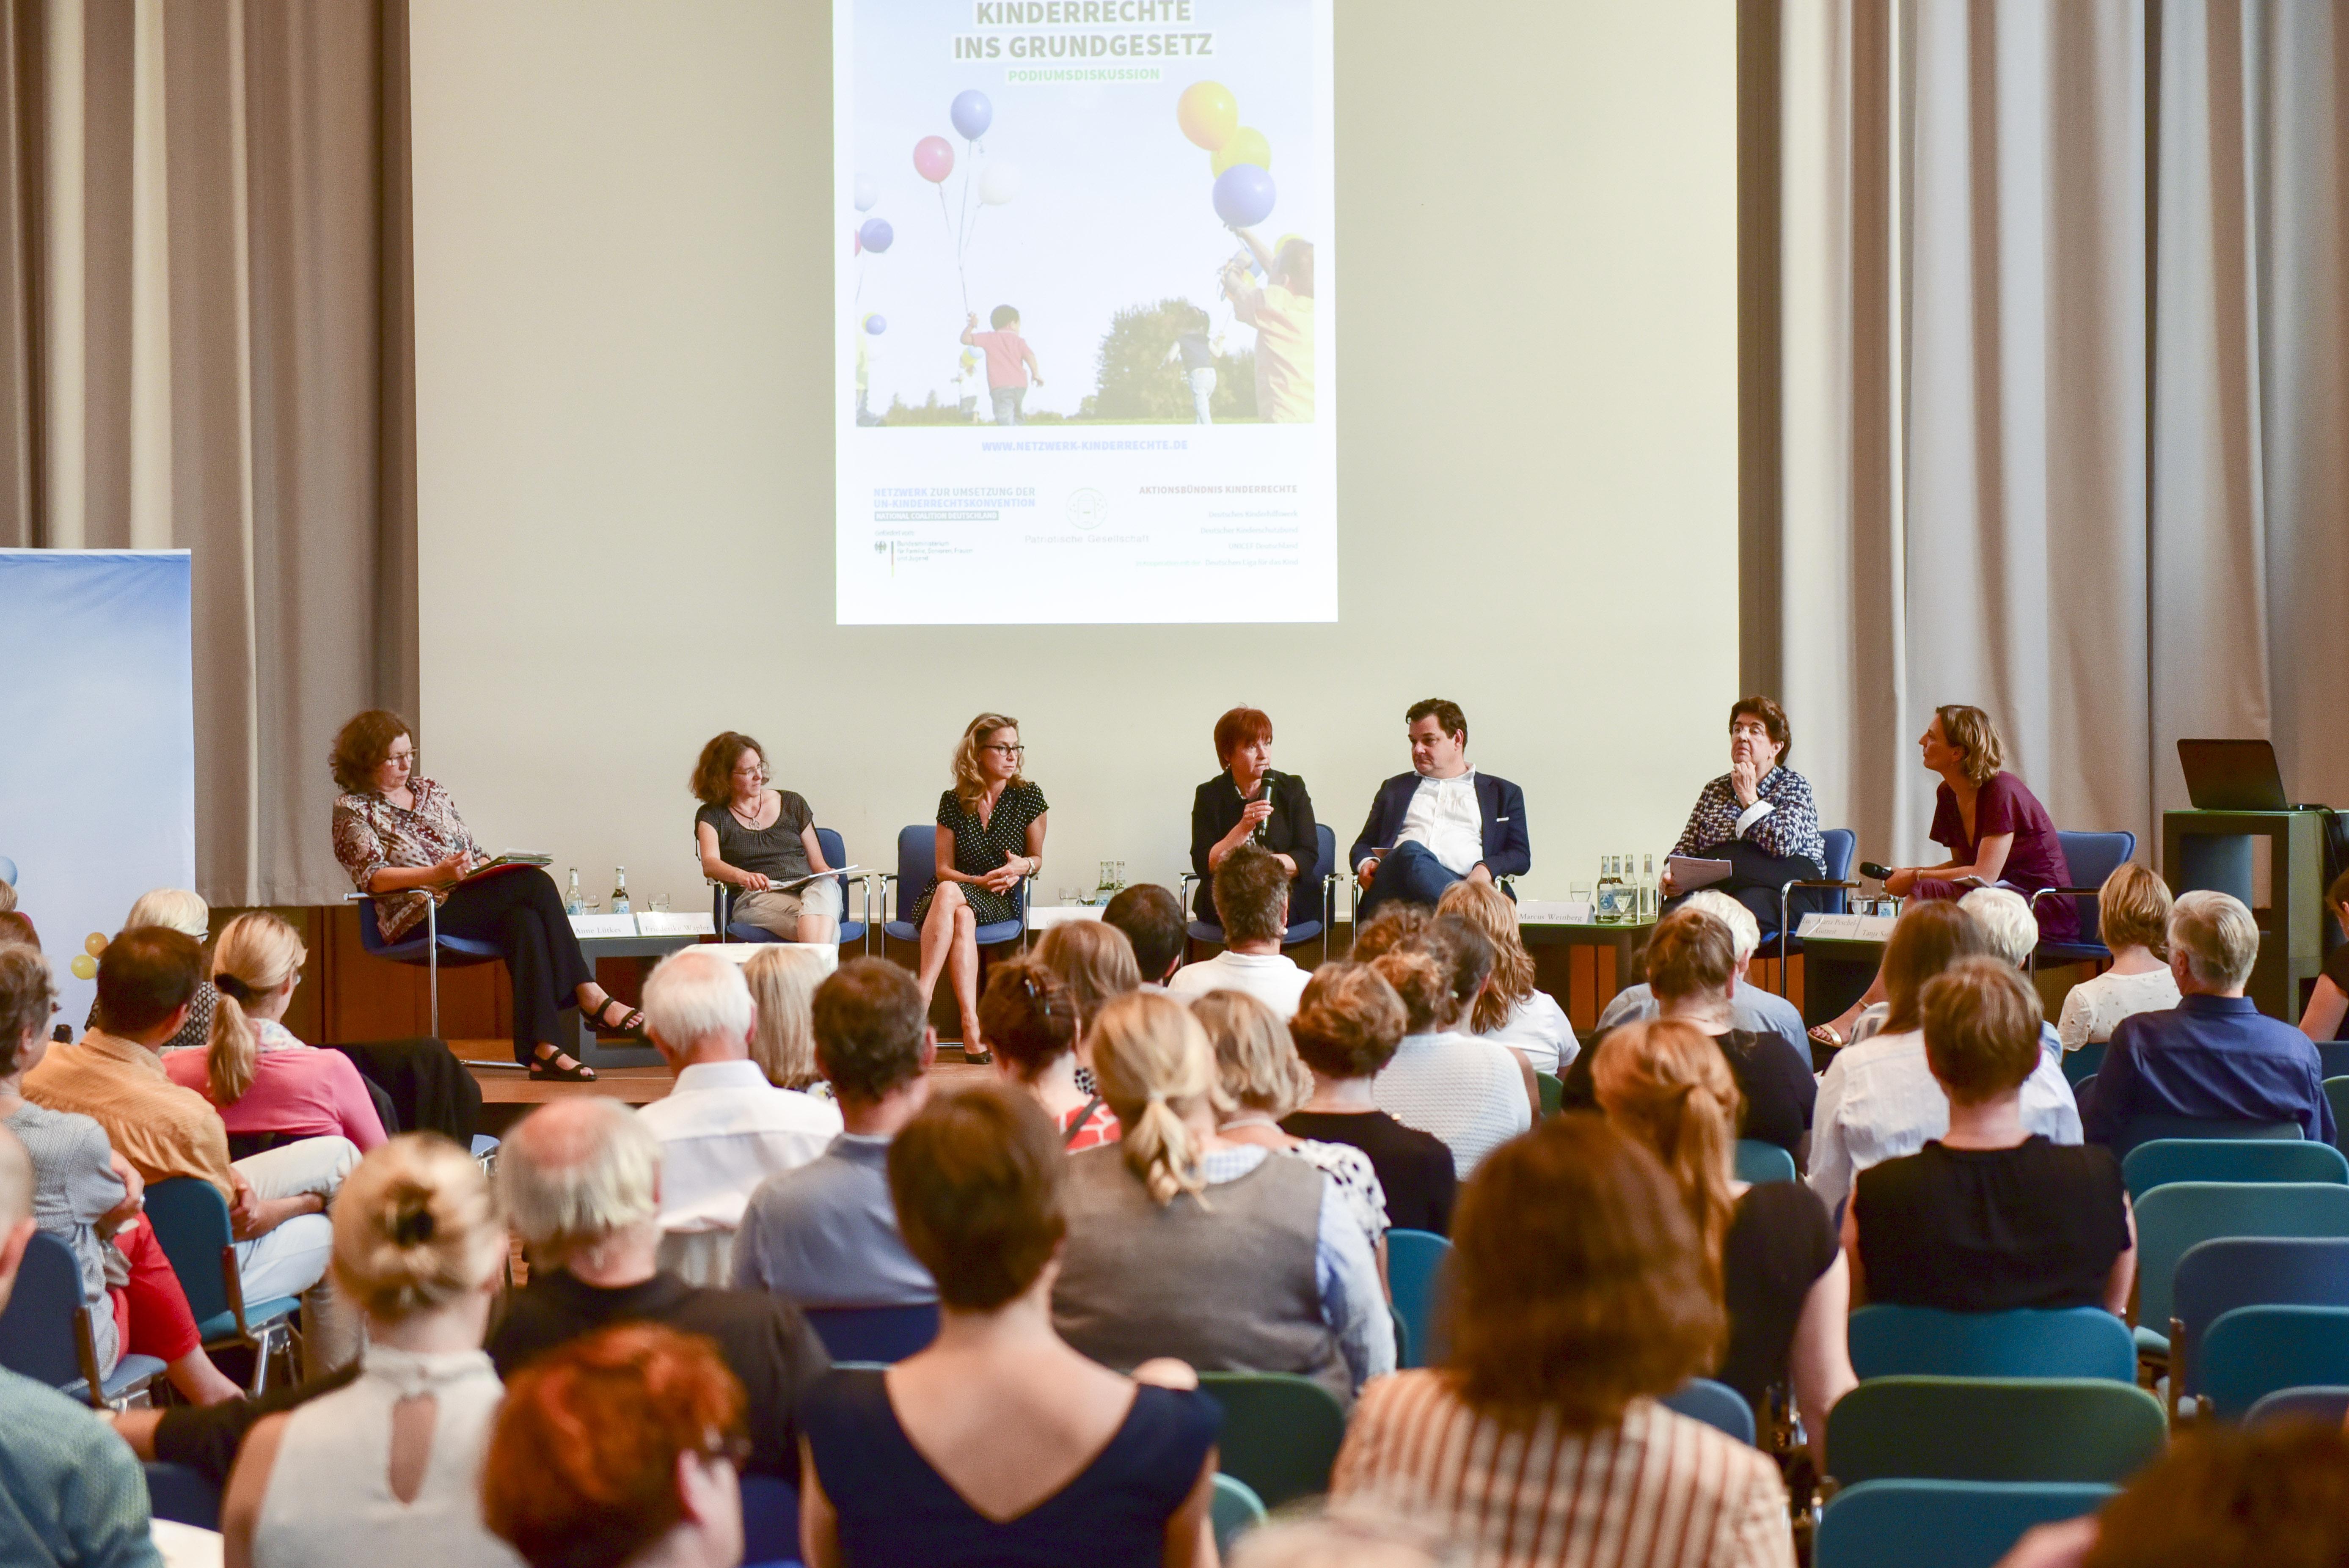 """Fachtagung """"Kinderrechte verwirklichen"""" der National Coalition Deutschland, des Aktionsbündnis´ Kinderrechte und der Patriotischen Gesellschaft zum Thema Kinderrechte ins Grundgesetz."""